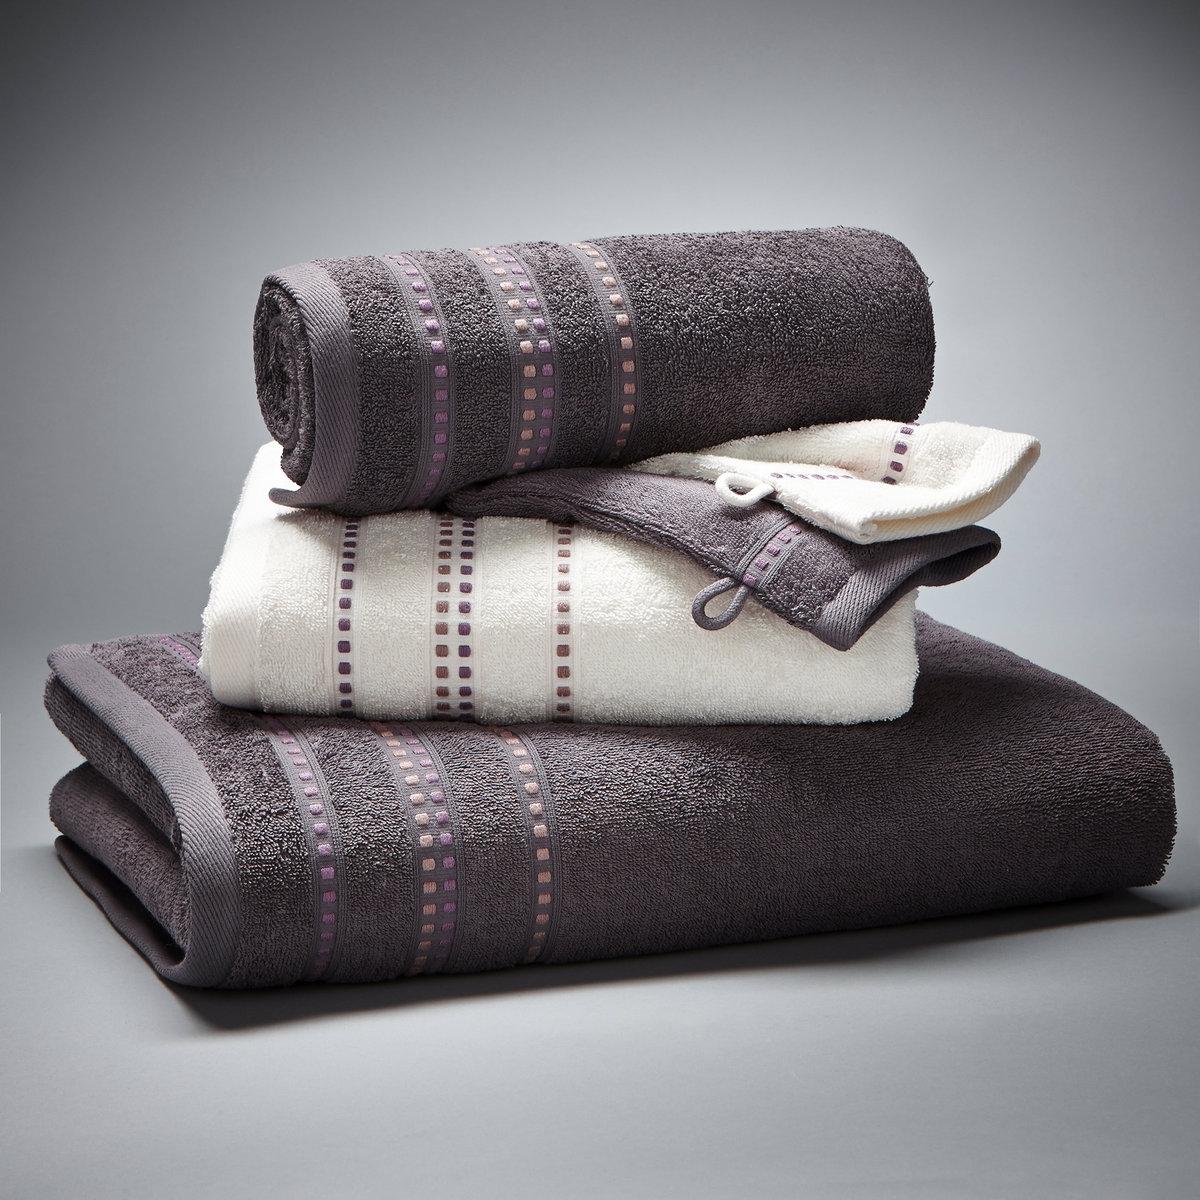 Комплект для ванной, 420 г/м?Комплект с каймой из вискозной нити:- 1 однотонное банное полотенце размером 70 x 130 см- 2 стандартных полотенца (1 белое и 1 цветное) размером 50 x 90 см- 2 банные рукавички (1 белая и 1 цветная) размером 15 x 21 см.Махровая ткань из 100% хлопка, 420 г/м?.Материал долго сохраняет мягкость и прочность. Превосходная стойкость цвета при стирке 60°.Машинная сушка.<br><br>Цвет: темно-серый